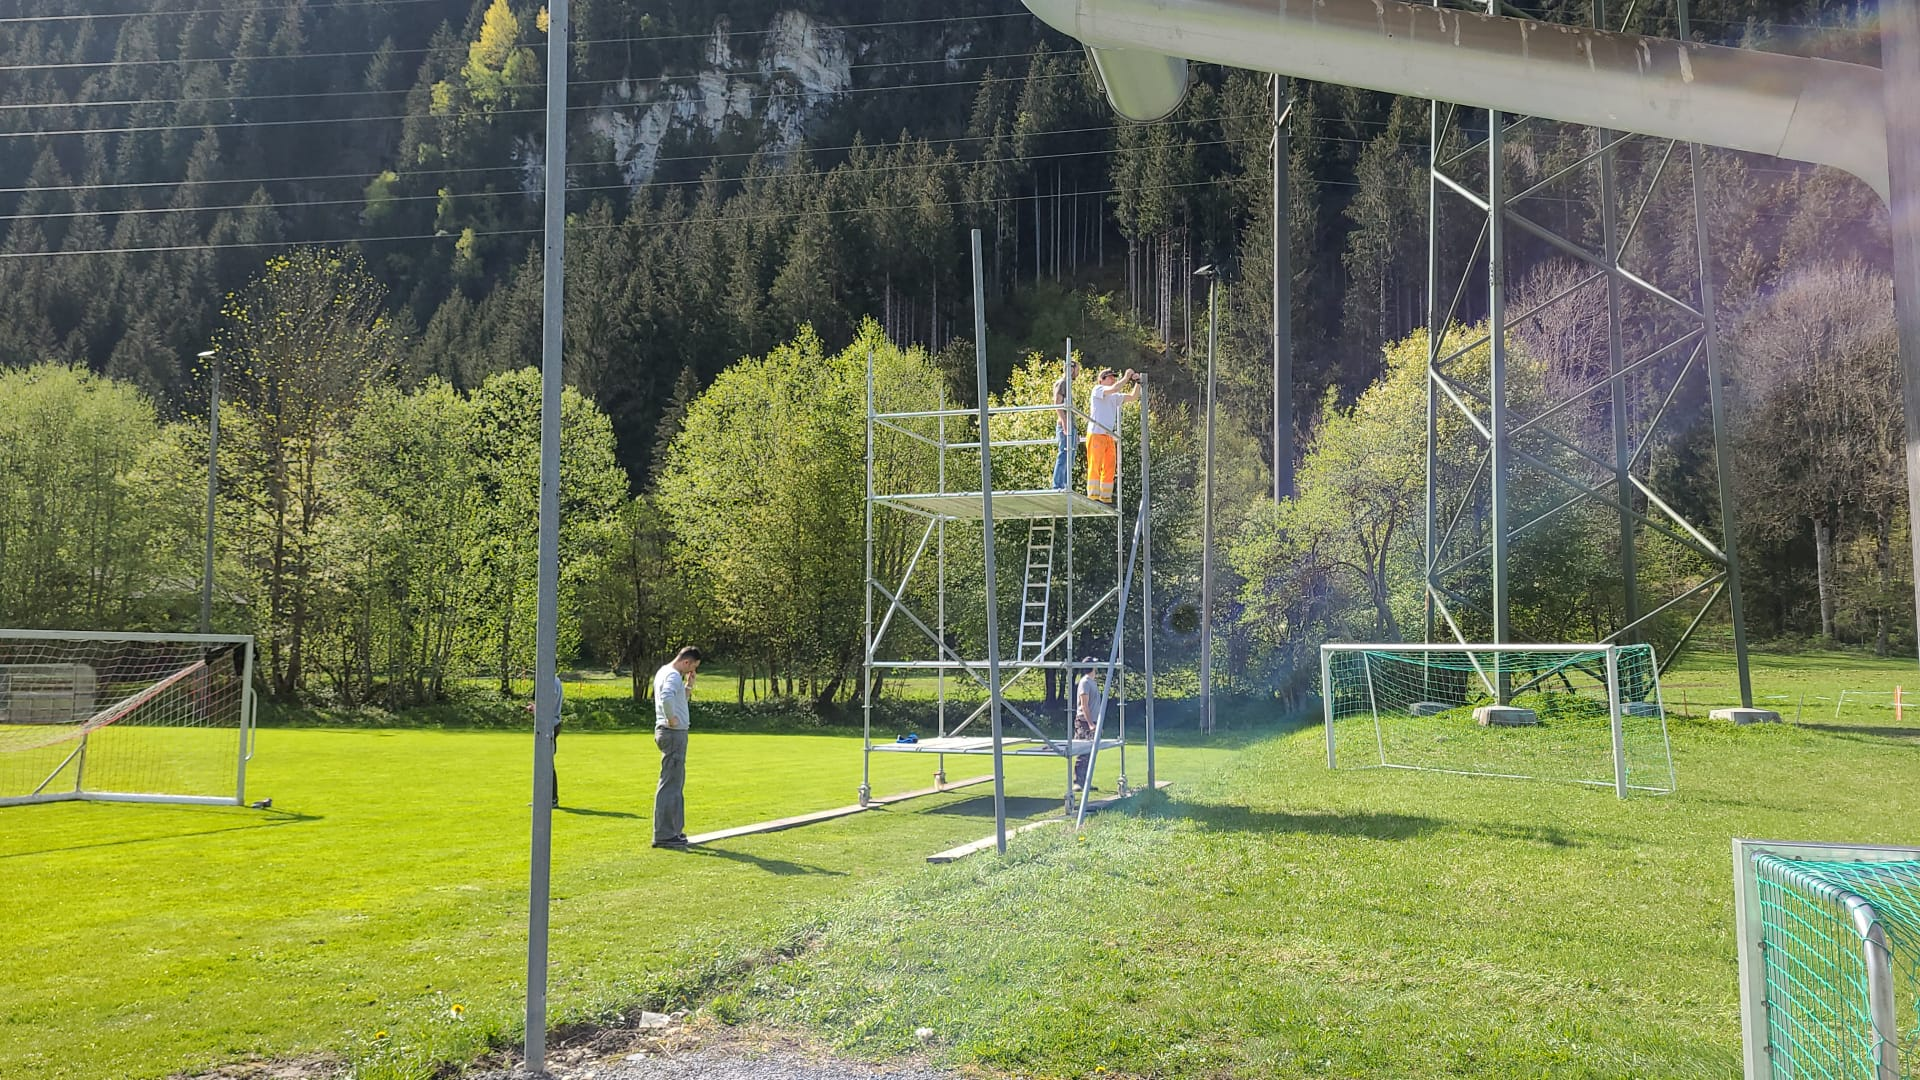 Demontage des alten Netzes...